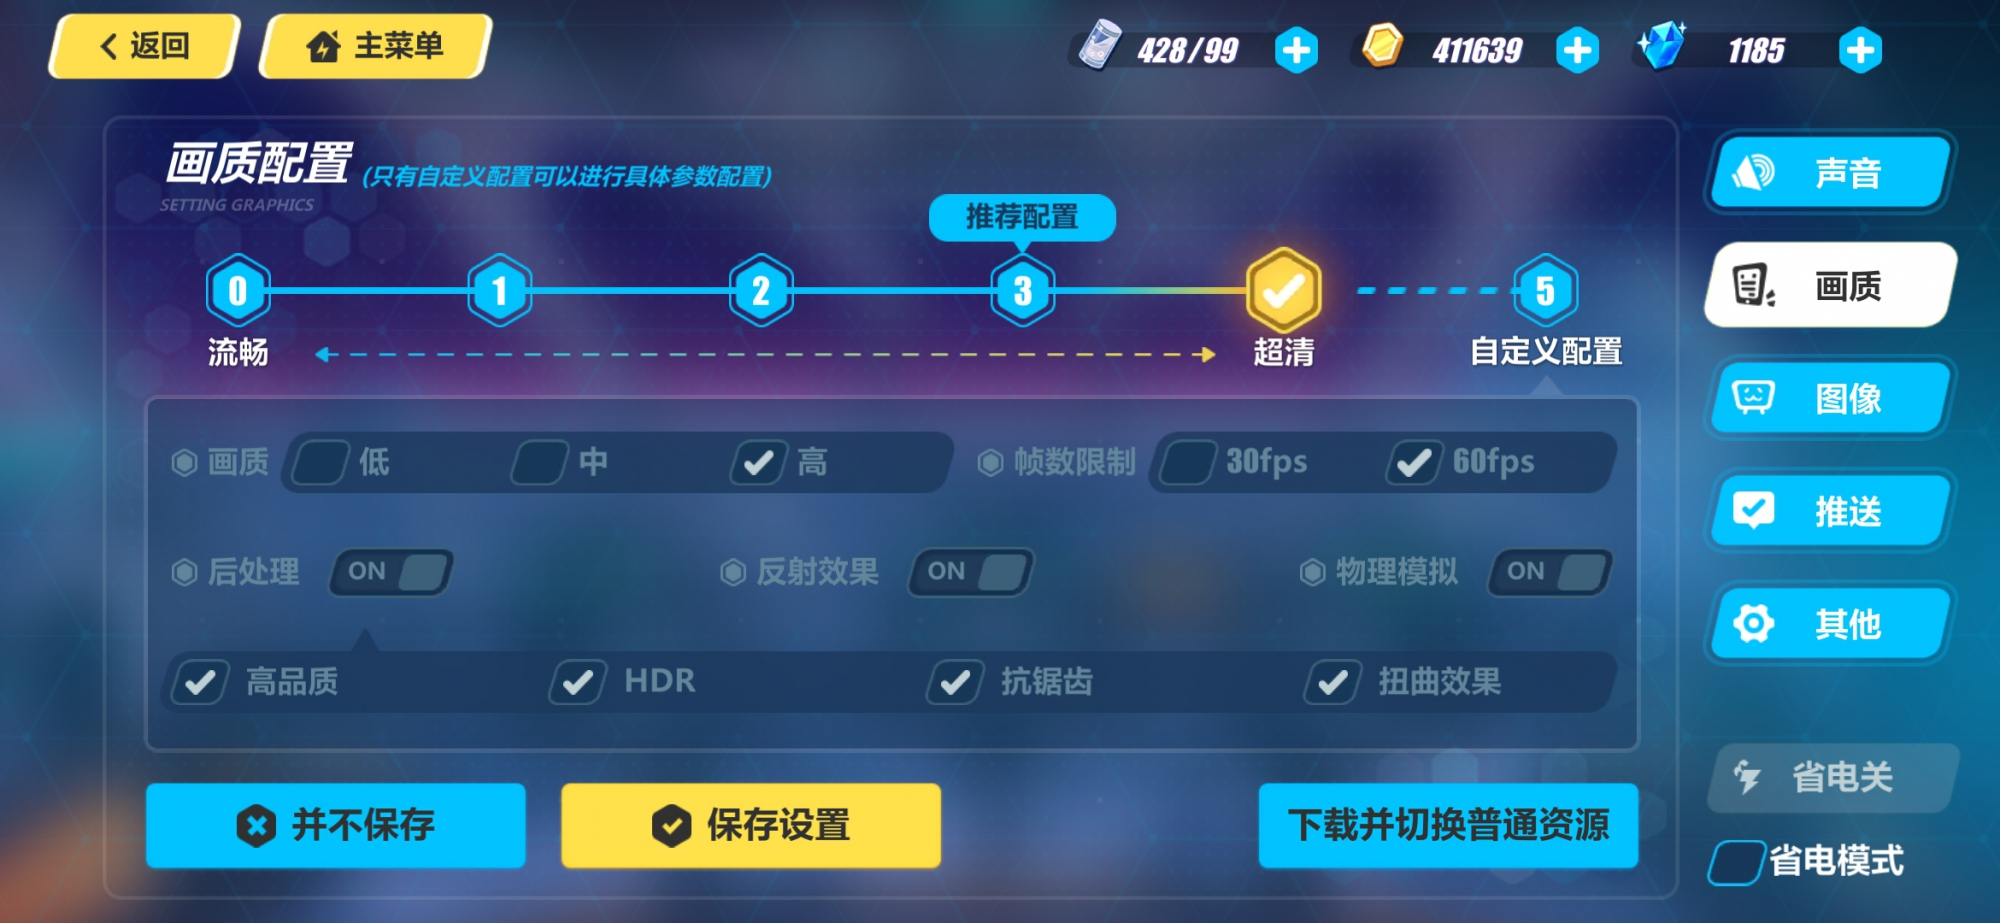 Screenshot_20191107_225519_com.miHoYo.bh3.huawei.jpg